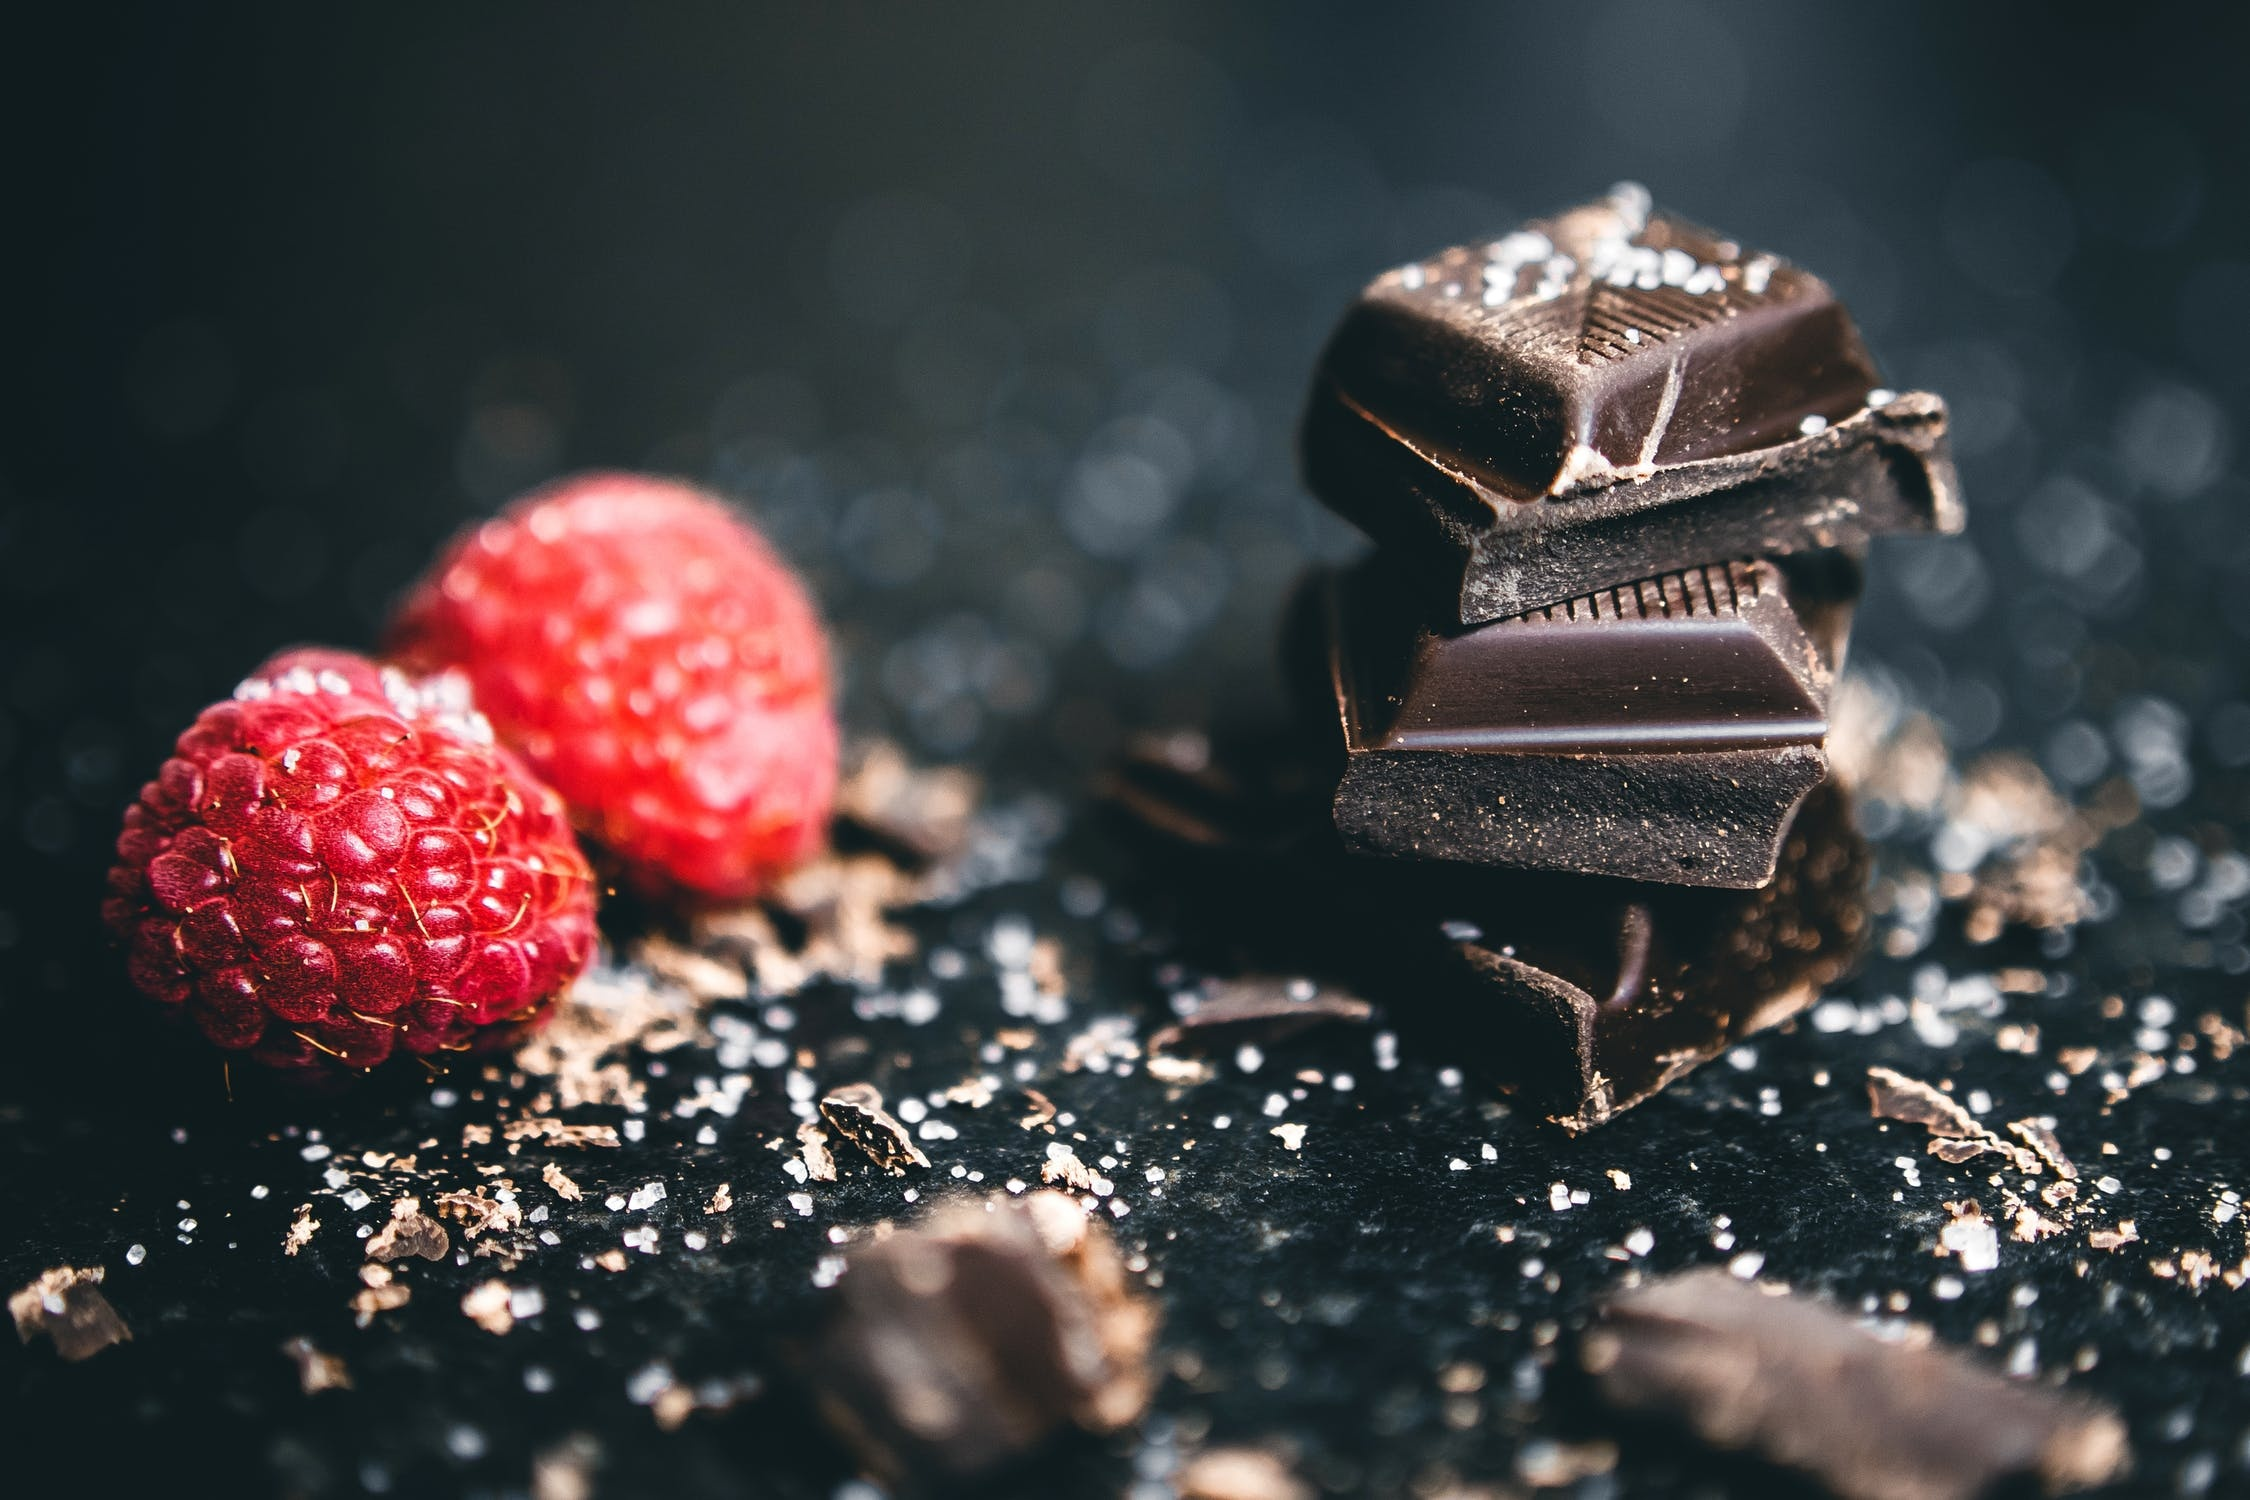 Warum Schokolade die welt unglücklich macht